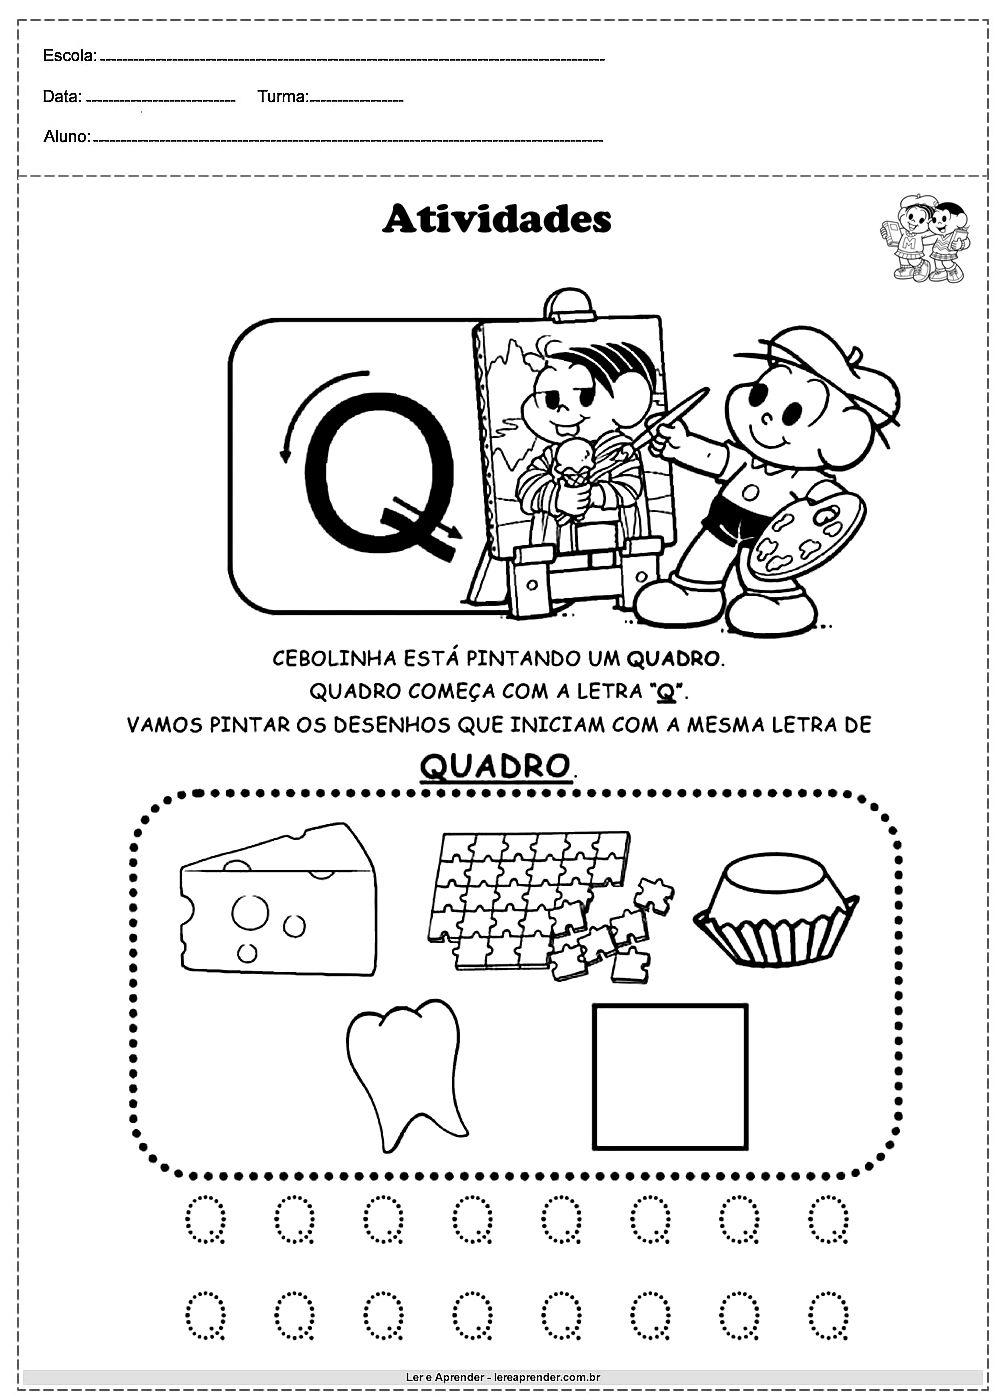 Atividades Com Alfabeto Turma Da Monica Letra Q In 2020